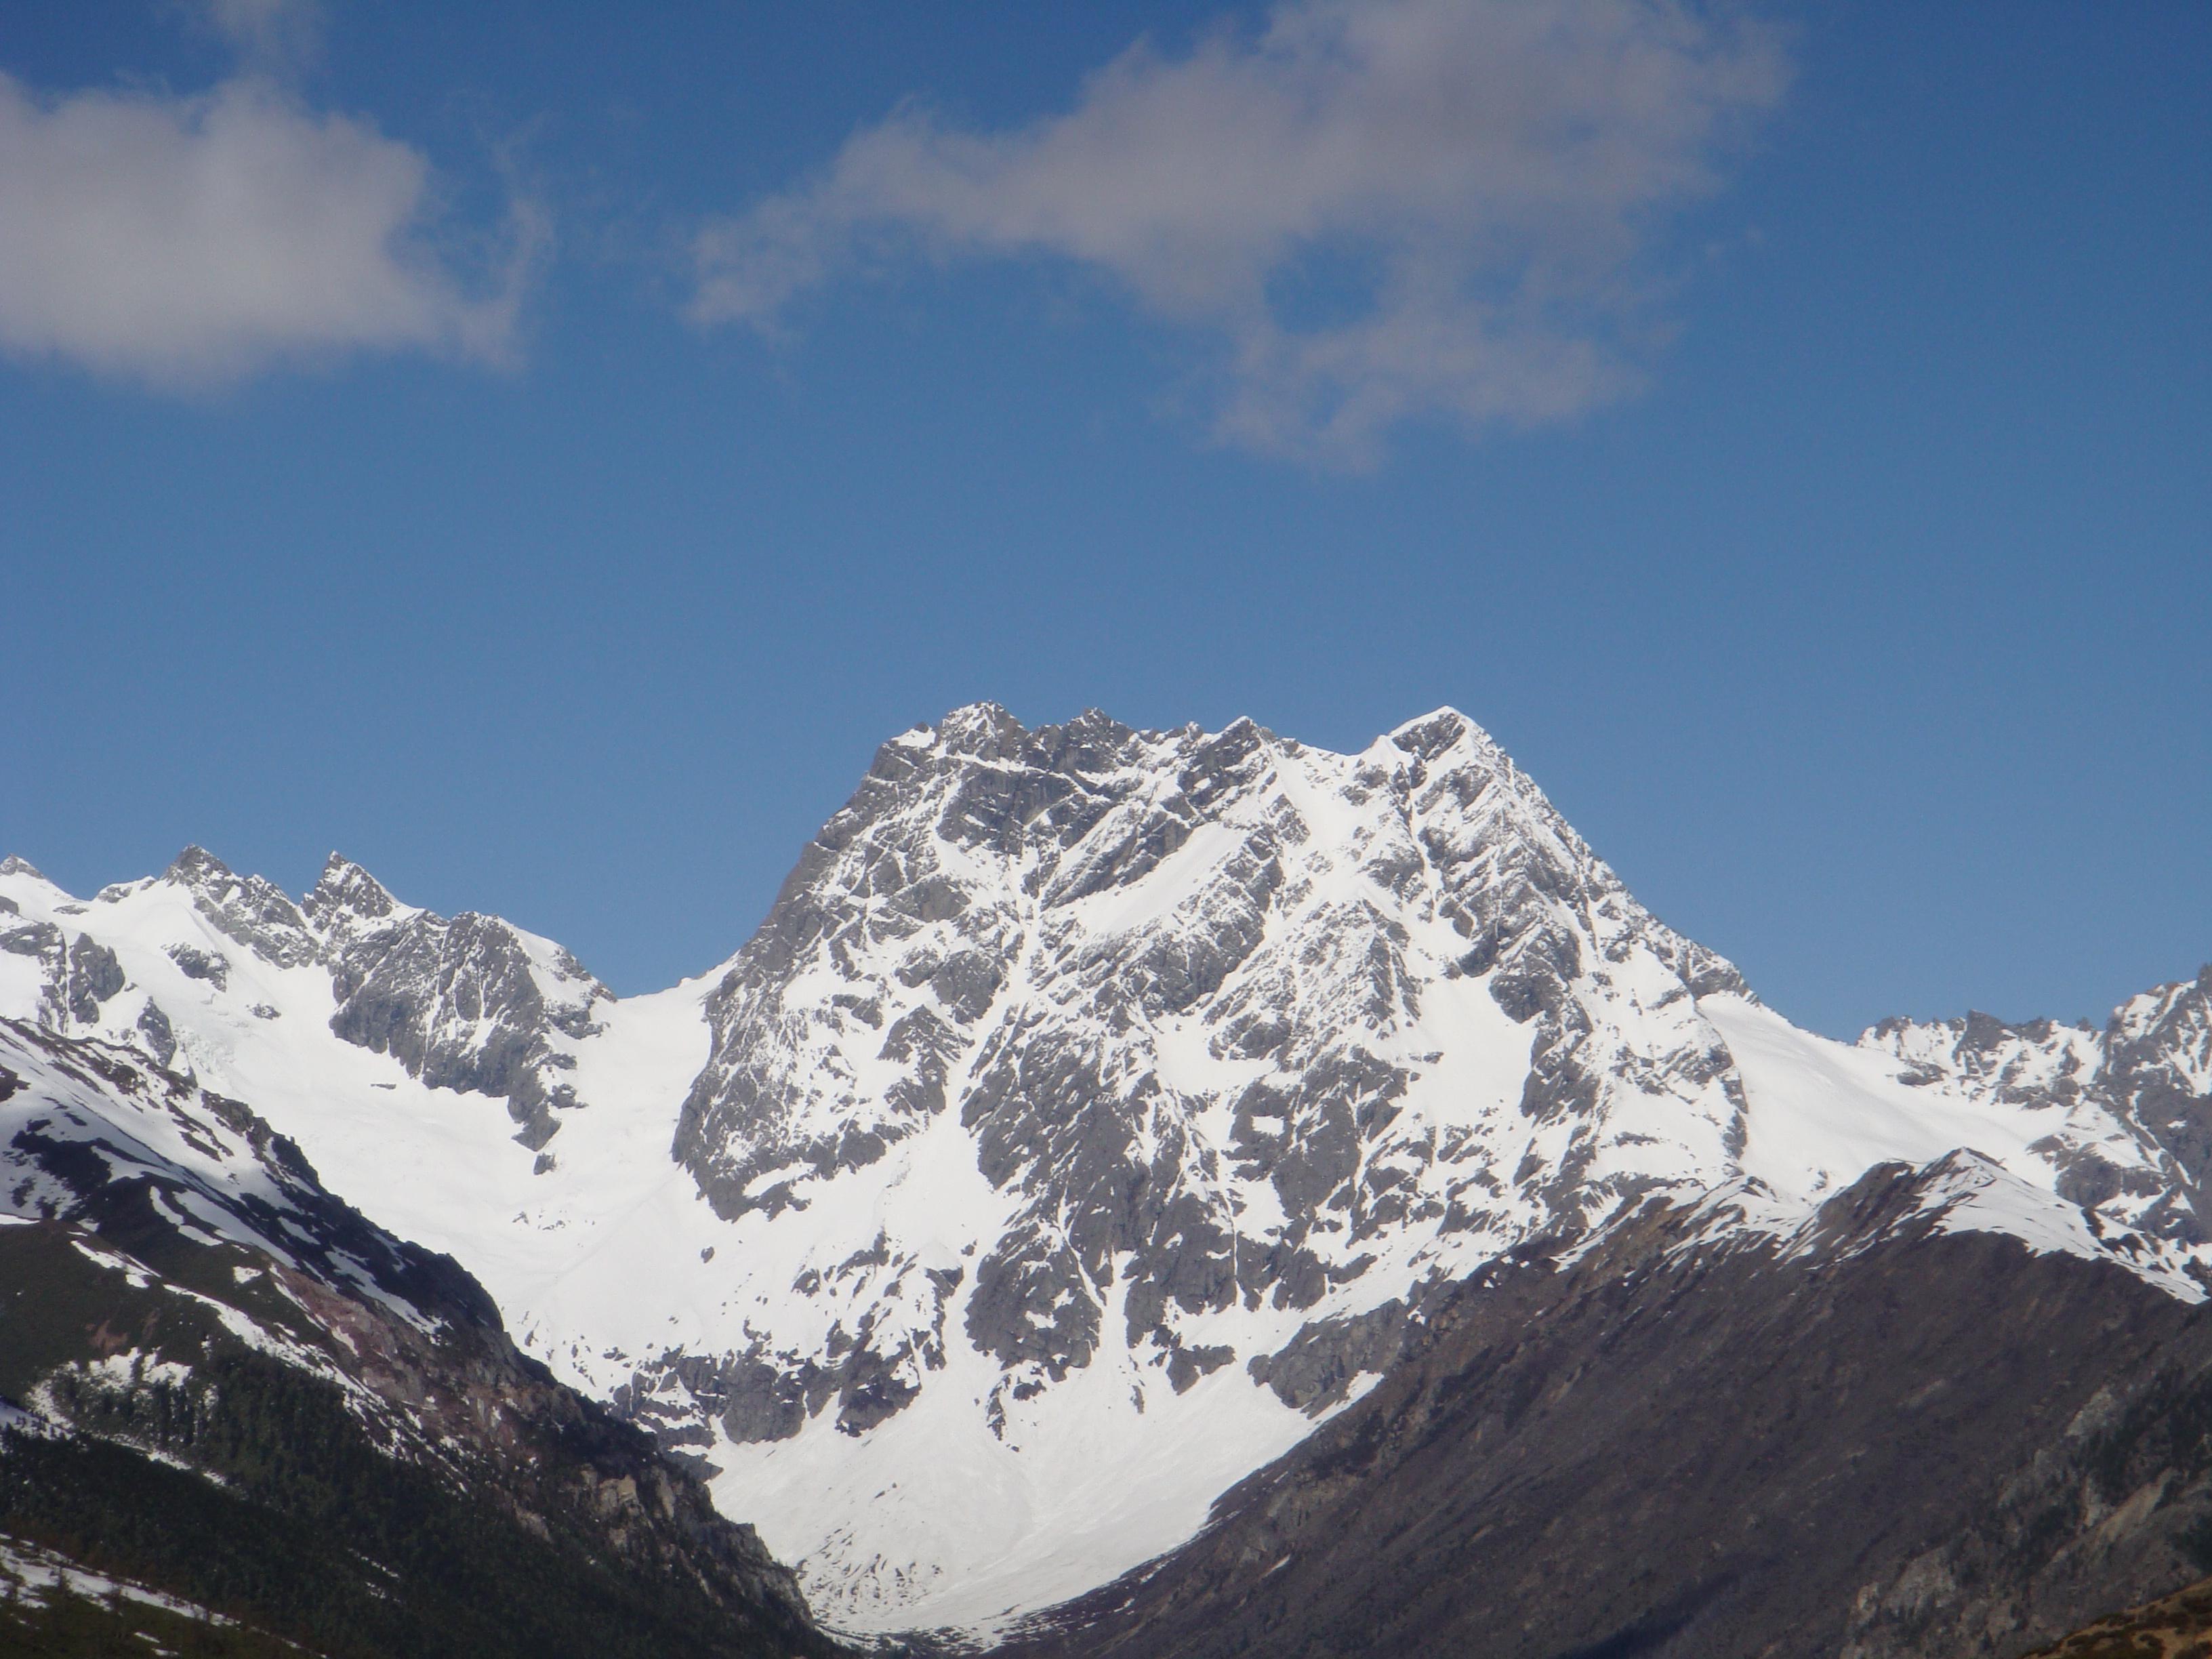 【携程攻略】德钦白马雪山景点,在云南真的是一日见四